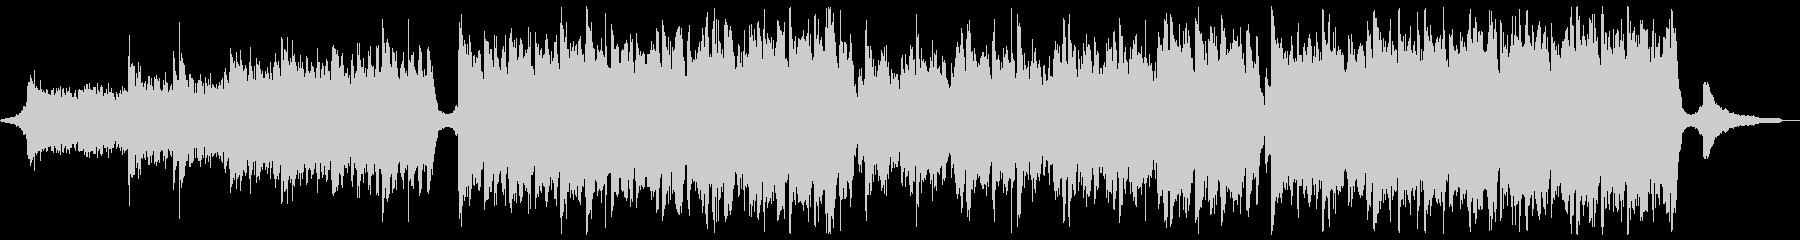 勝利と栄光のオーケストラ:効果音抜きの未再生の波形